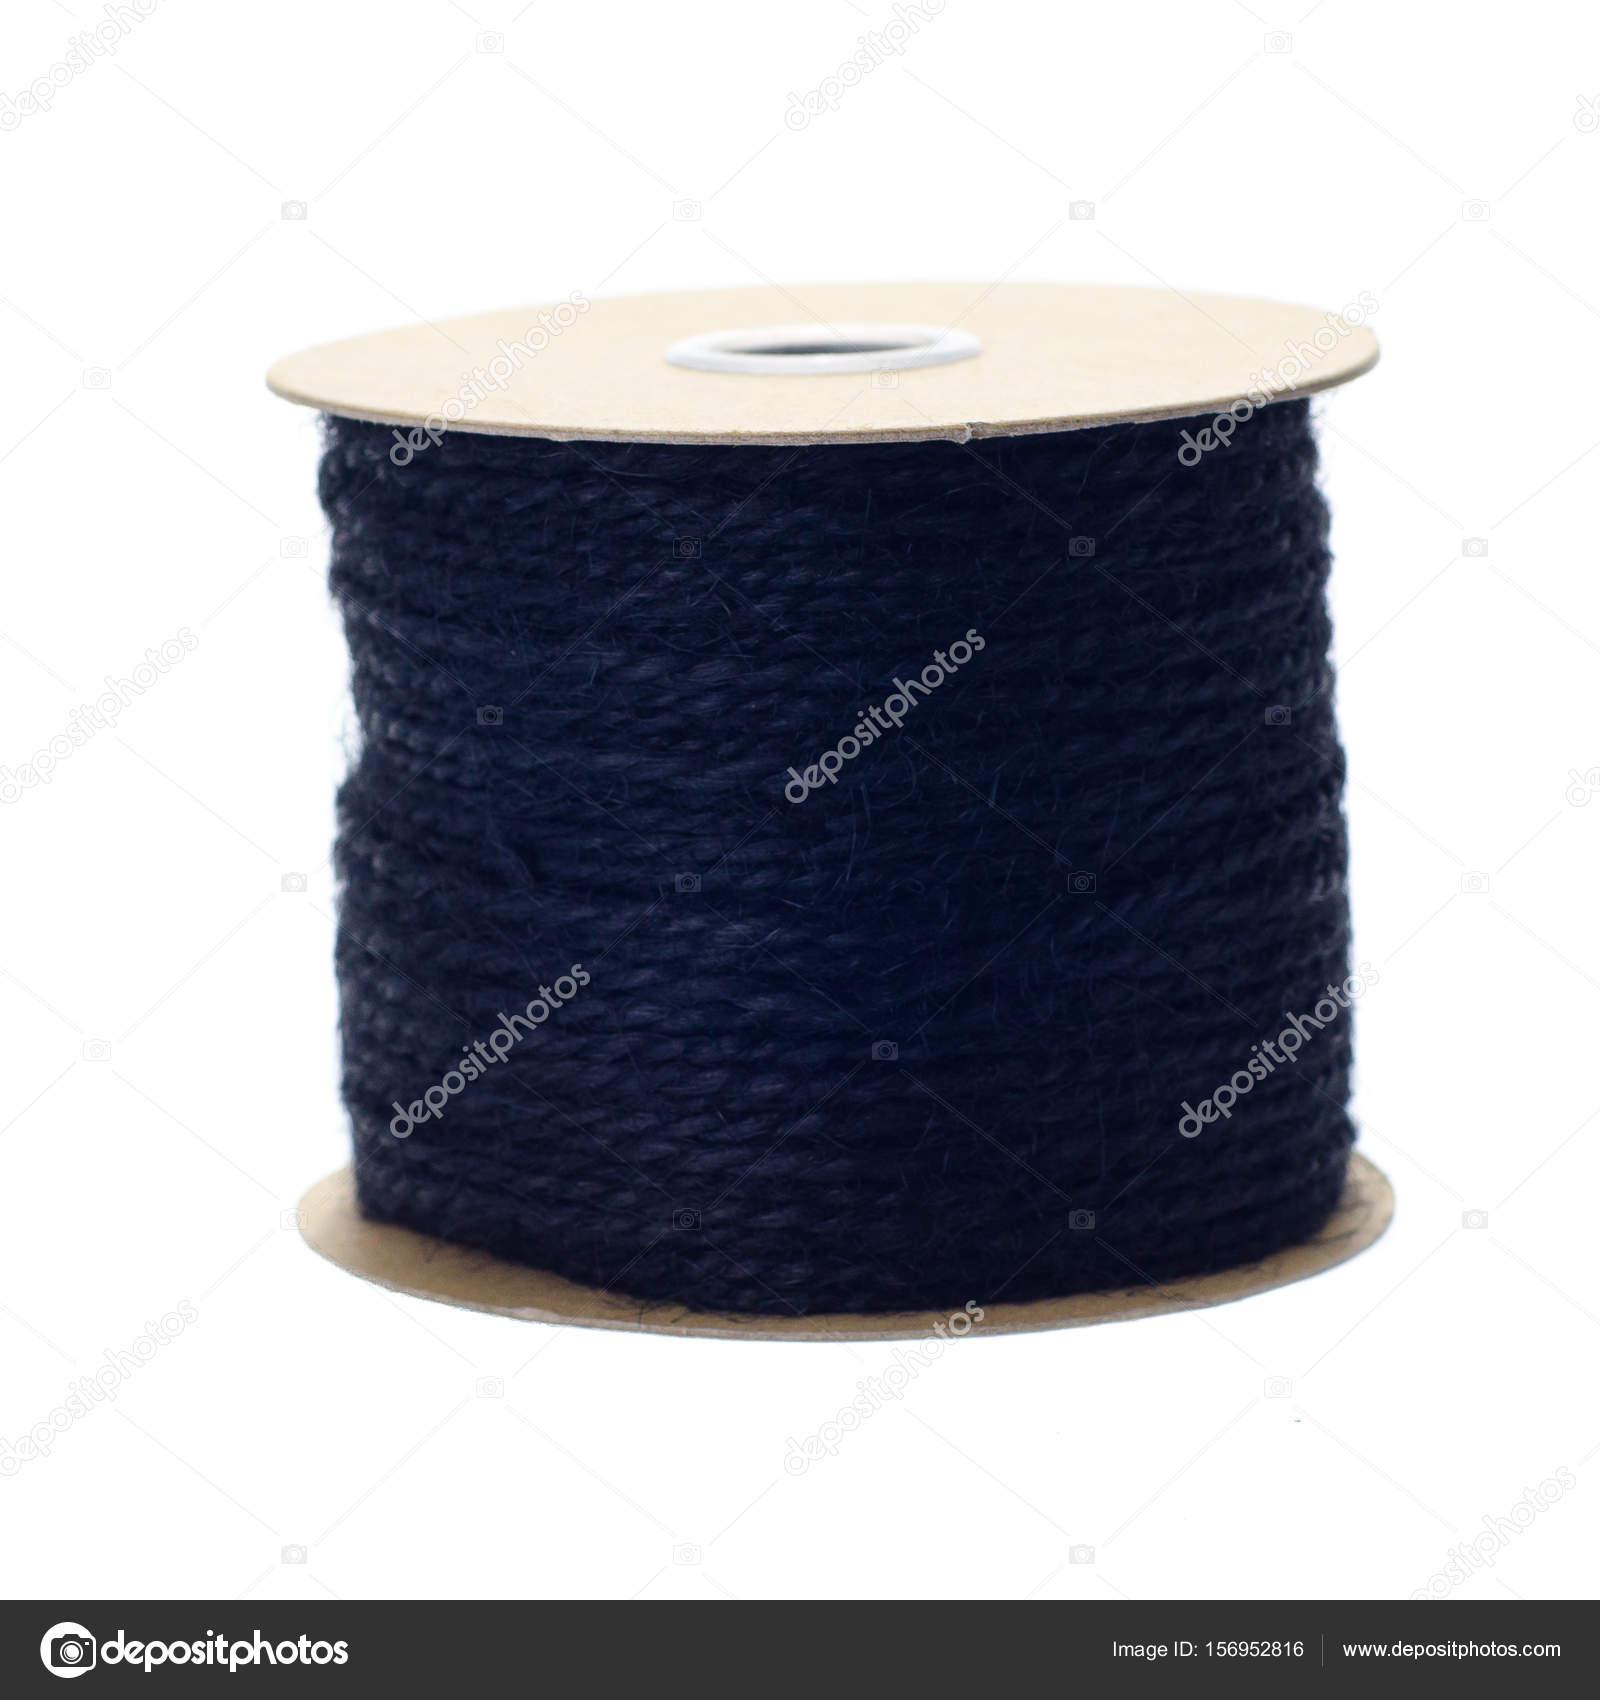 rollo de cuerda de yute foto de stock - Cuerda De Yute